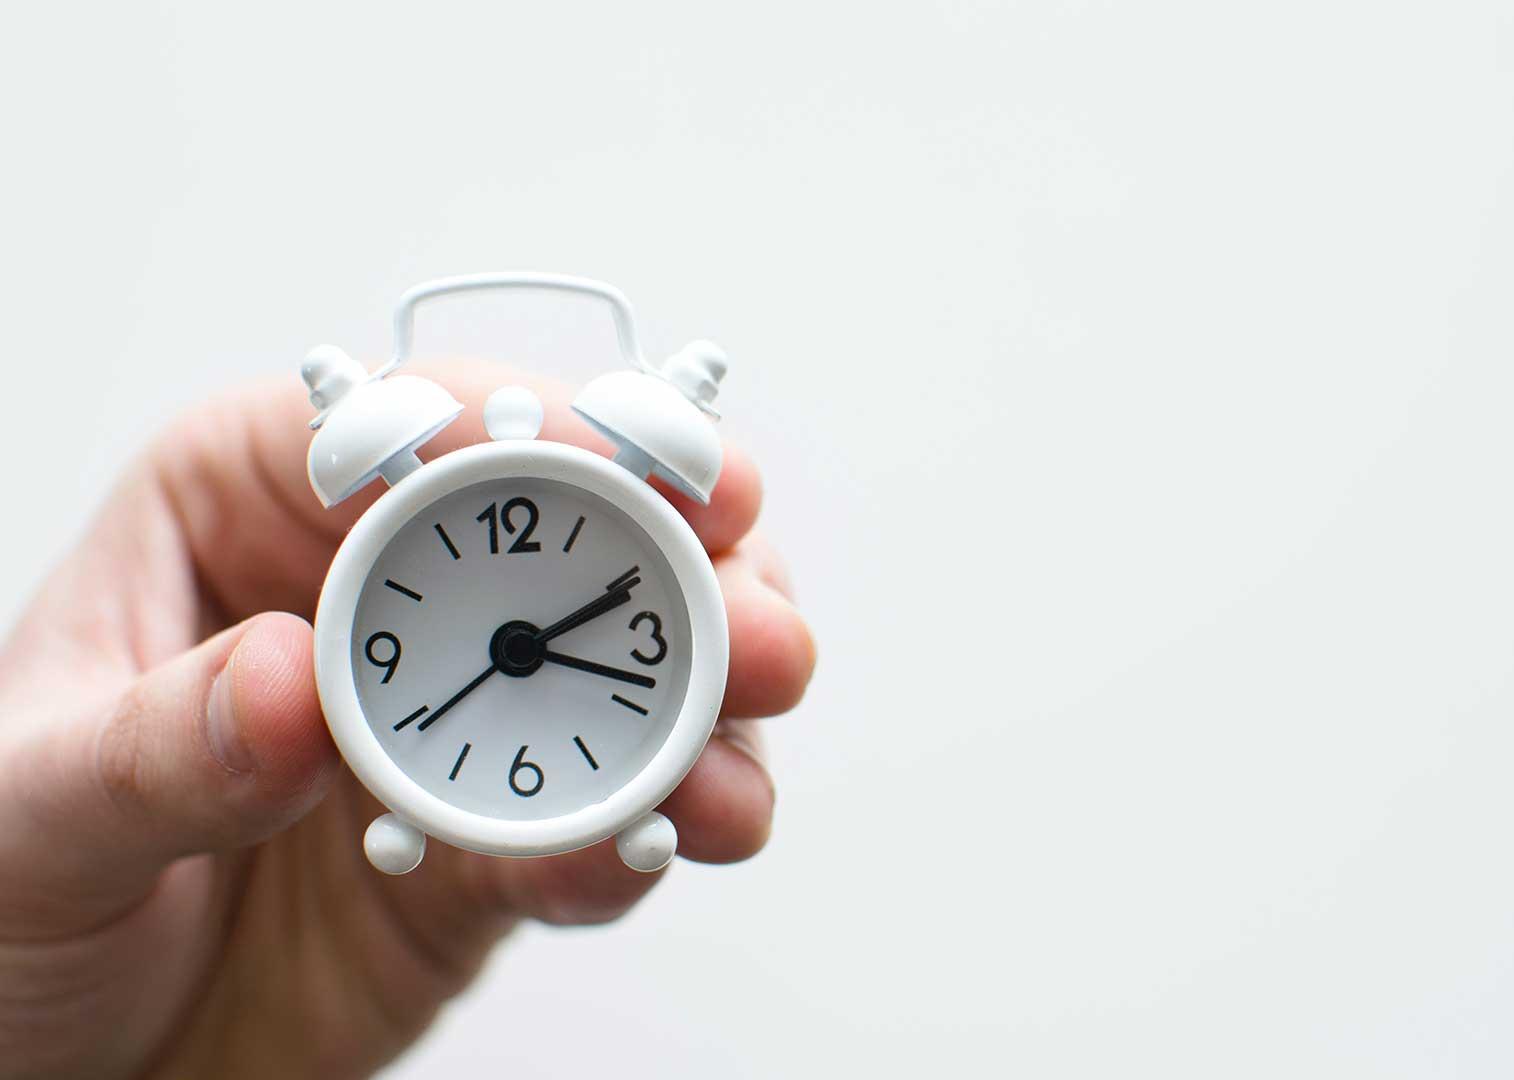 come-ottimizzare-il-tempo-libero